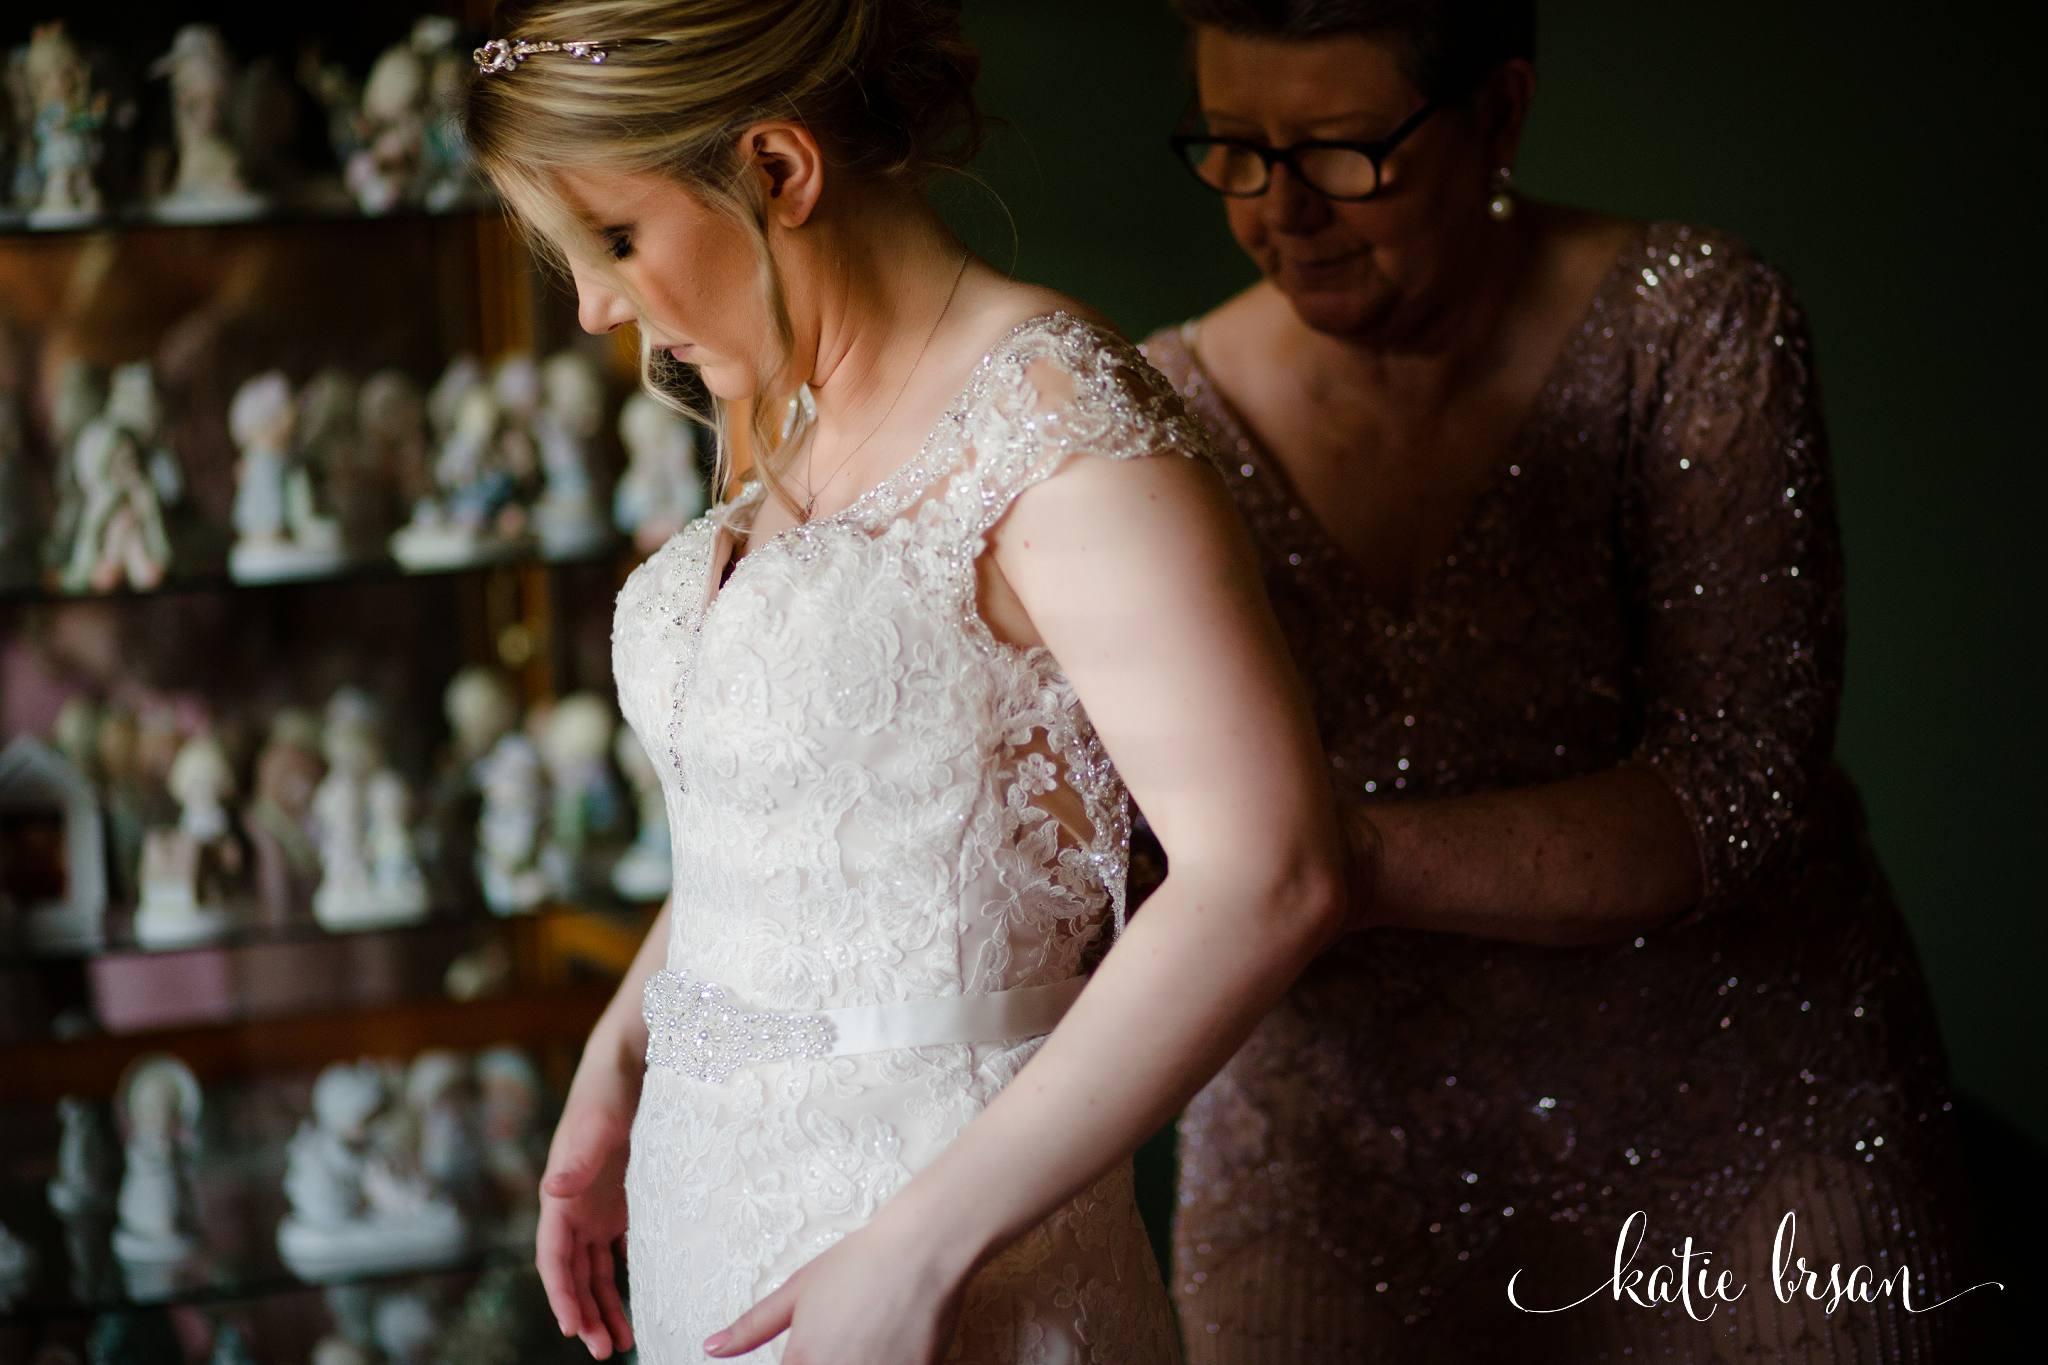 Mokena_Lemont_Wedding_Ruffled_Feathers_Wedding_1322.jpg